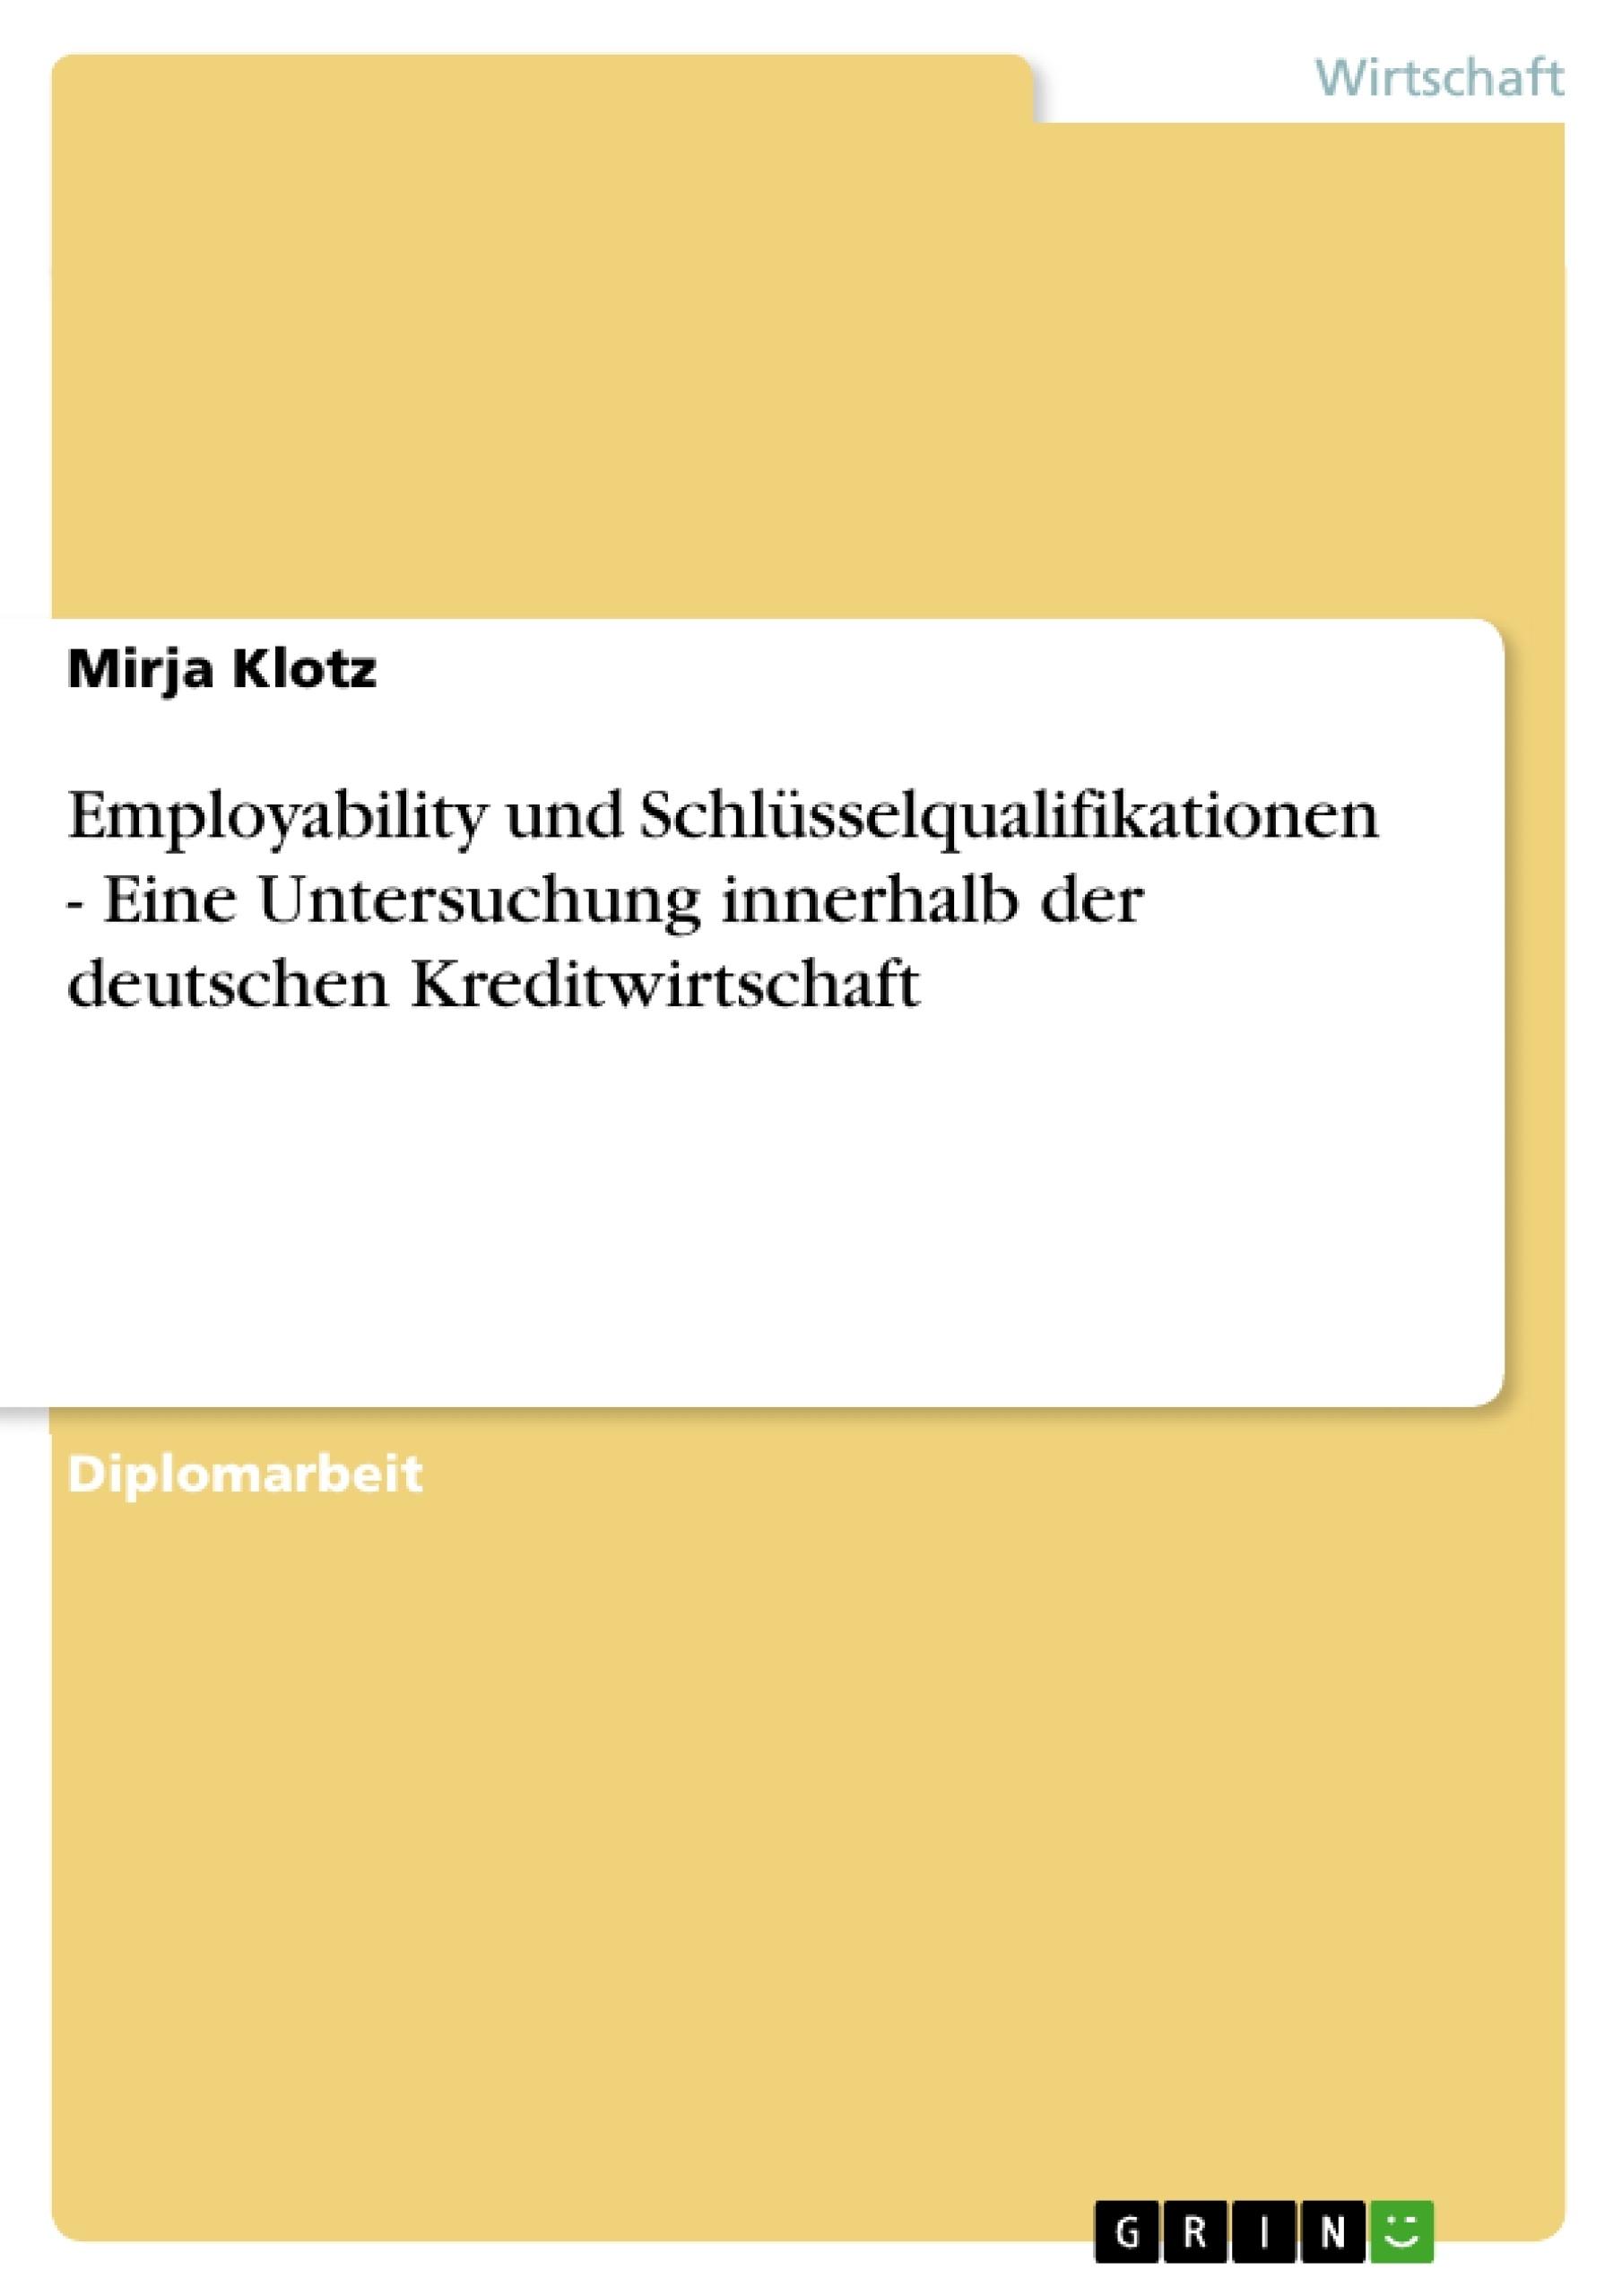 Titel: Employability und Schlüsselqualifikationen - Eine Untersuchung innerhalb der deutschen Kreditwirtschaft